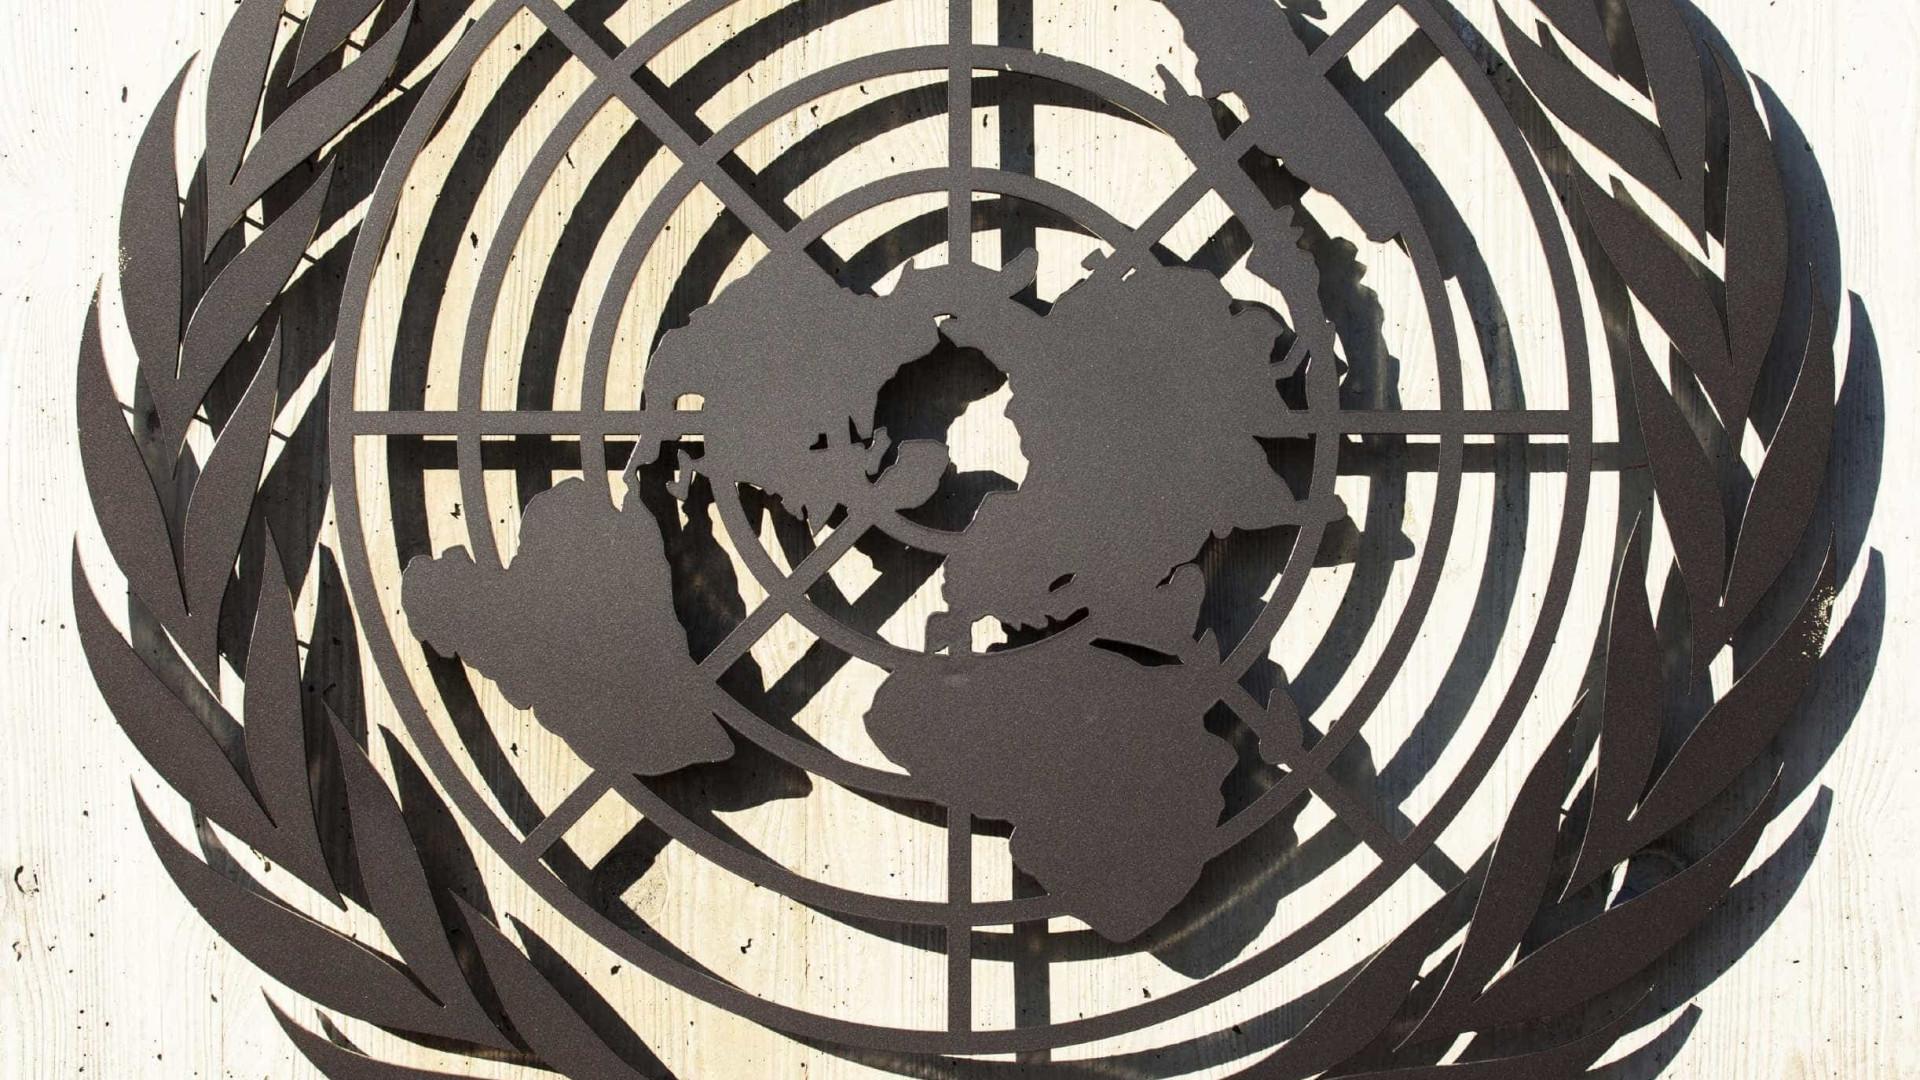 Conselho de Direitos Humanos da ONU renova composição e suscita críticas